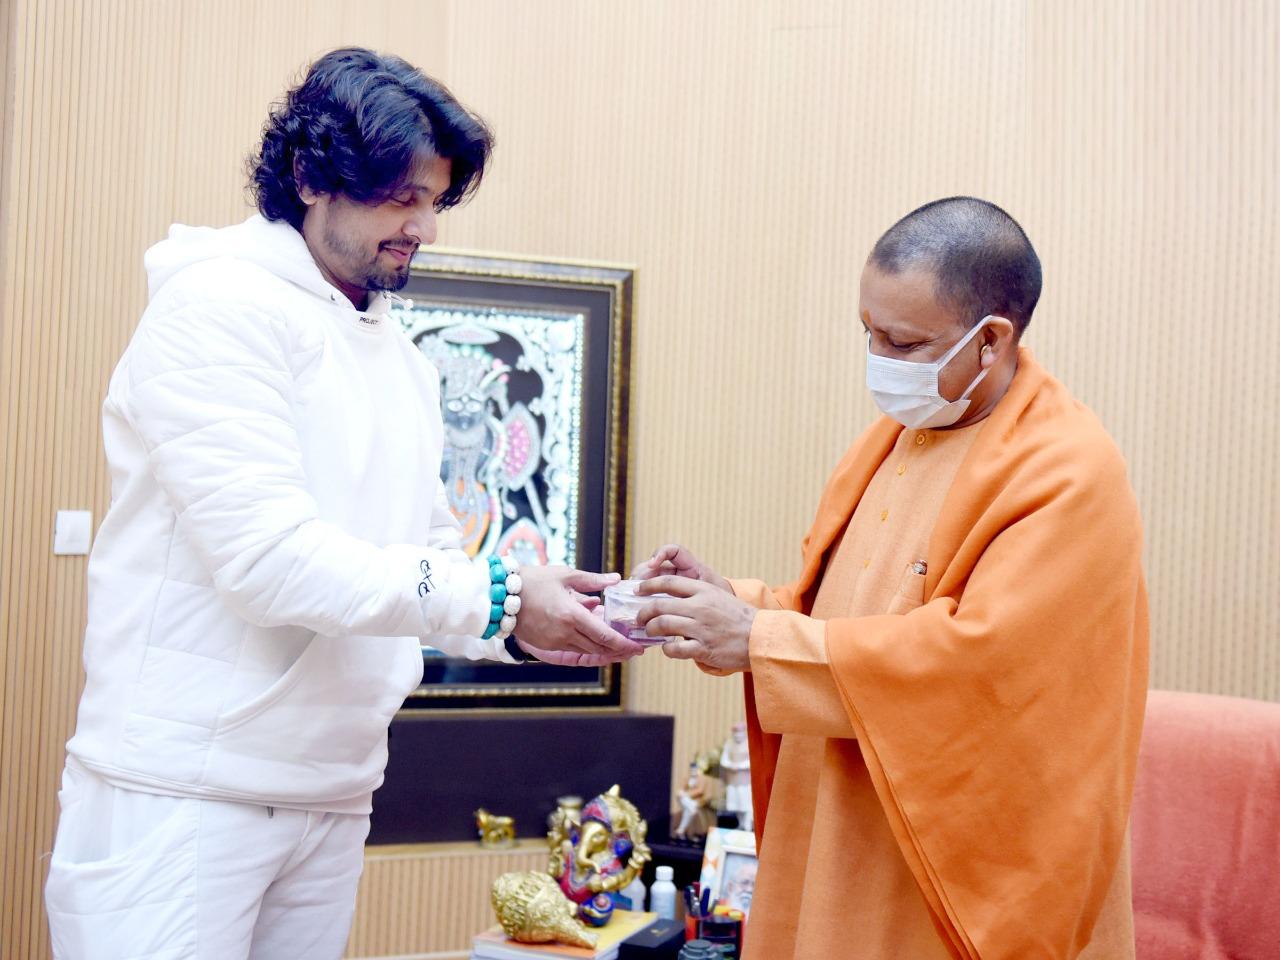 लखनऊ-सिंगर सोनू निगम ने की मुख्यमंत्री योगी आदित्यनाथ से मुलाकात